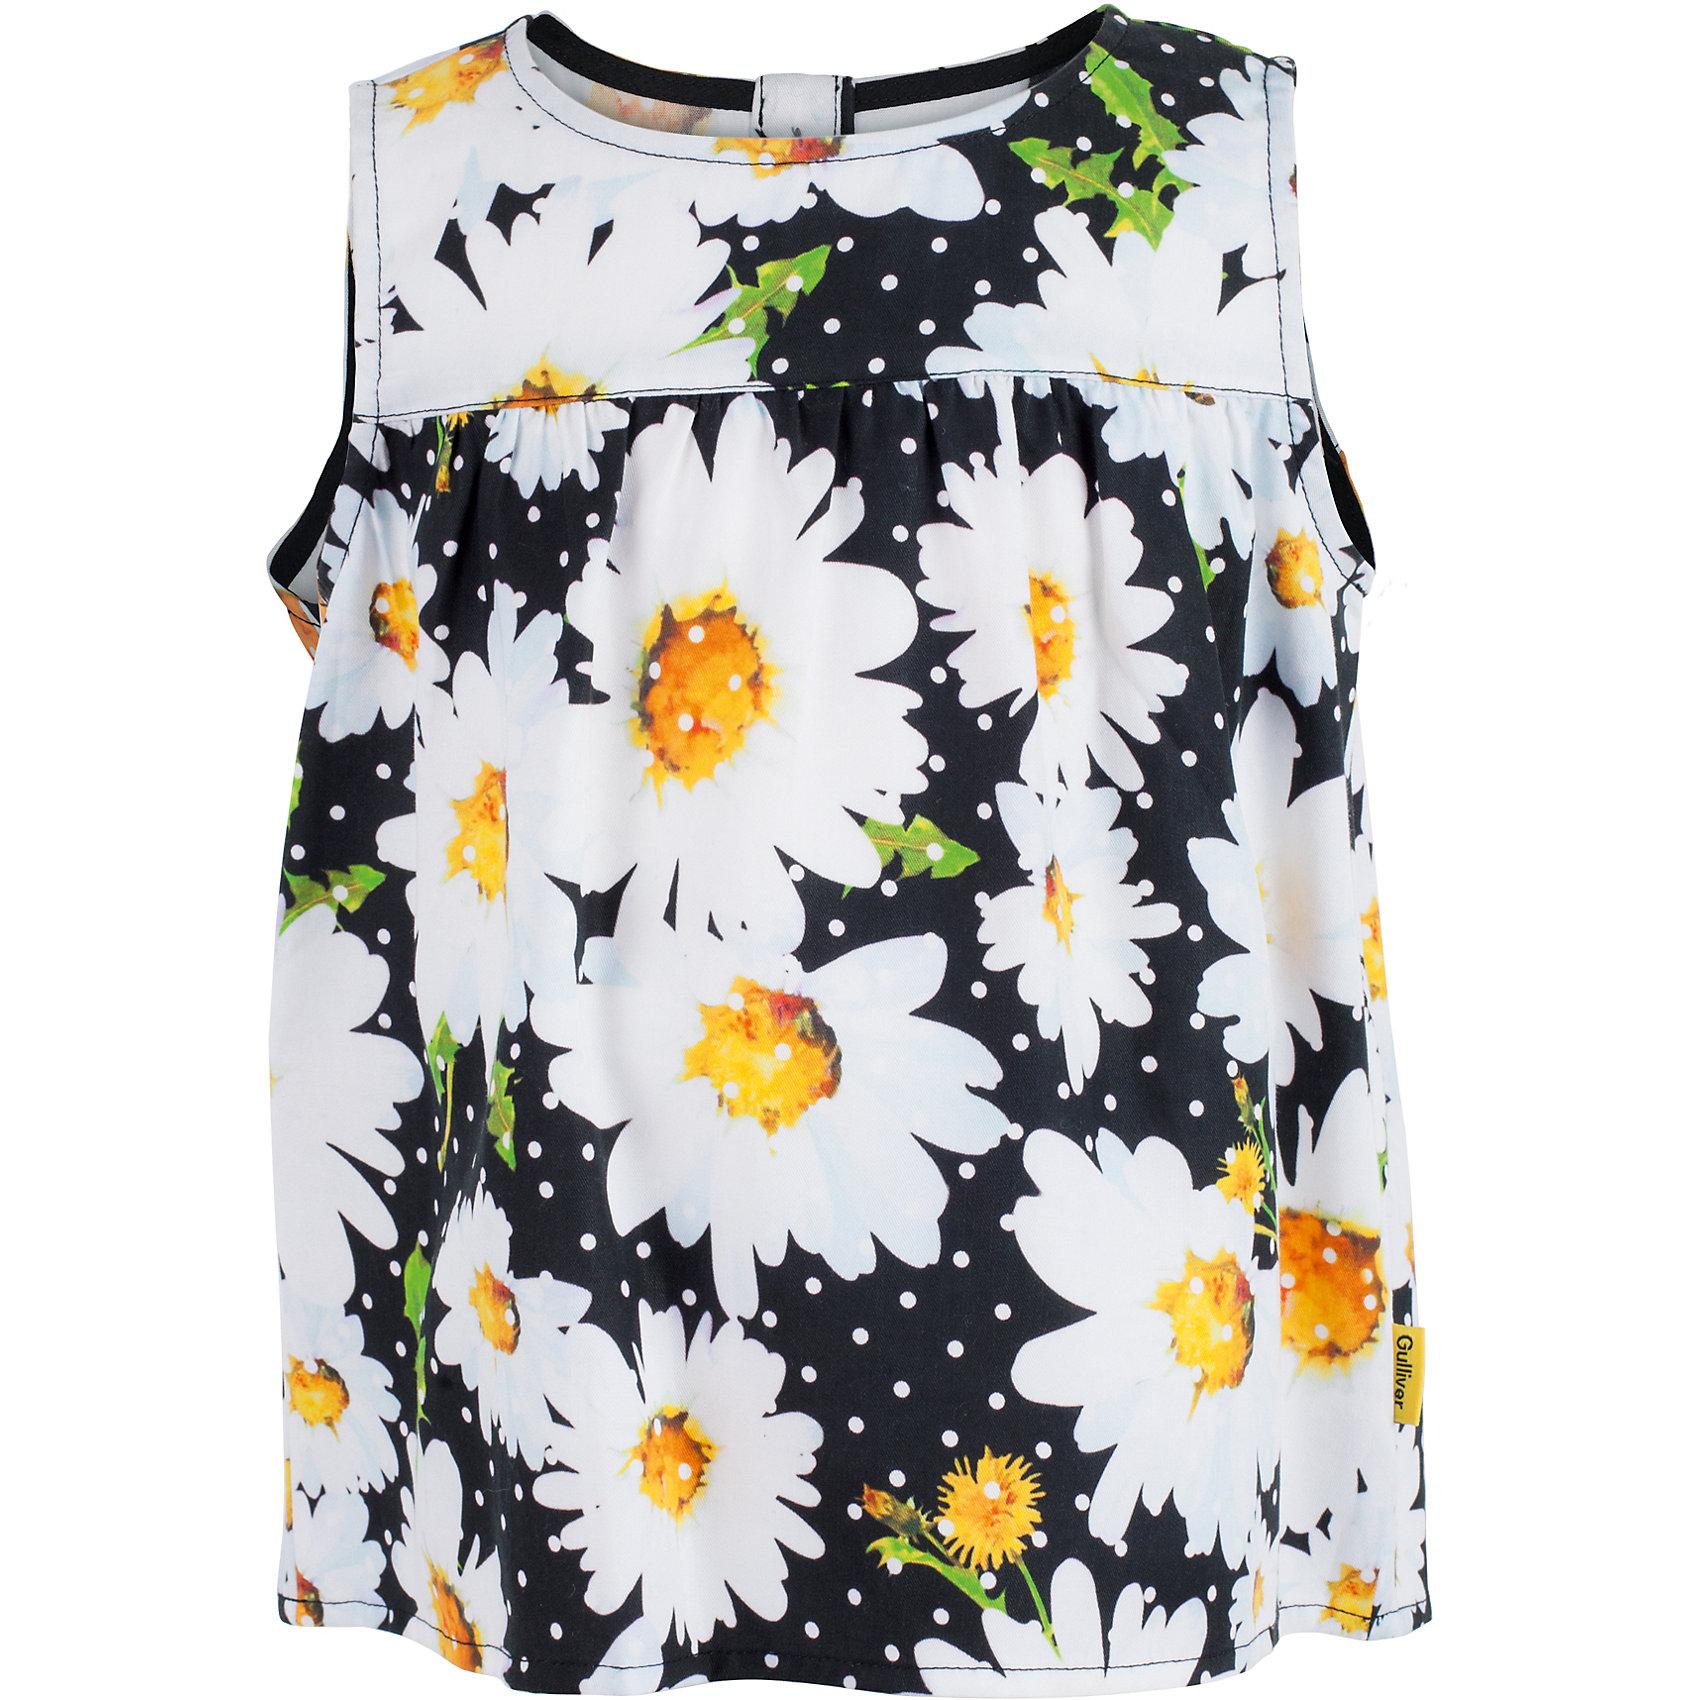 Блузка для девочки GulliverБлузки и рубашки<br>Характеристики товара:<br><br>• цвет: чёрный<br>• материал: 100% вискоза<br>• трапециевидная форма<br>• застёжка: пуговицы<br>• сезон: лето<br>• страна бренда: Российская Федерация<br>• страна производства: Китай<br><br>Легкая чёрная блузка трапециевидной форма для девочки от известного бренда Гулливер. Блузка застёгивается сзади на пуговицы по все длине. На блузку нанесён рисунок в виде цветов ромашки.<br><br>Блузку для девочки от известного бренда Gulliver можно купить в нашем интернет-магазине.<br><br>Ширина мм: 186<br>Глубина мм: 87<br>Высота мм: 198<br>Вес г: 197<br>Цвет: черный<br>Возраст от месяцев: 36<br>Возраст до месяцев: 48<br>Пол: Женский<br>Возраст: Детский<br>Размер: 104,98,116,110<br>SKU: 5483549